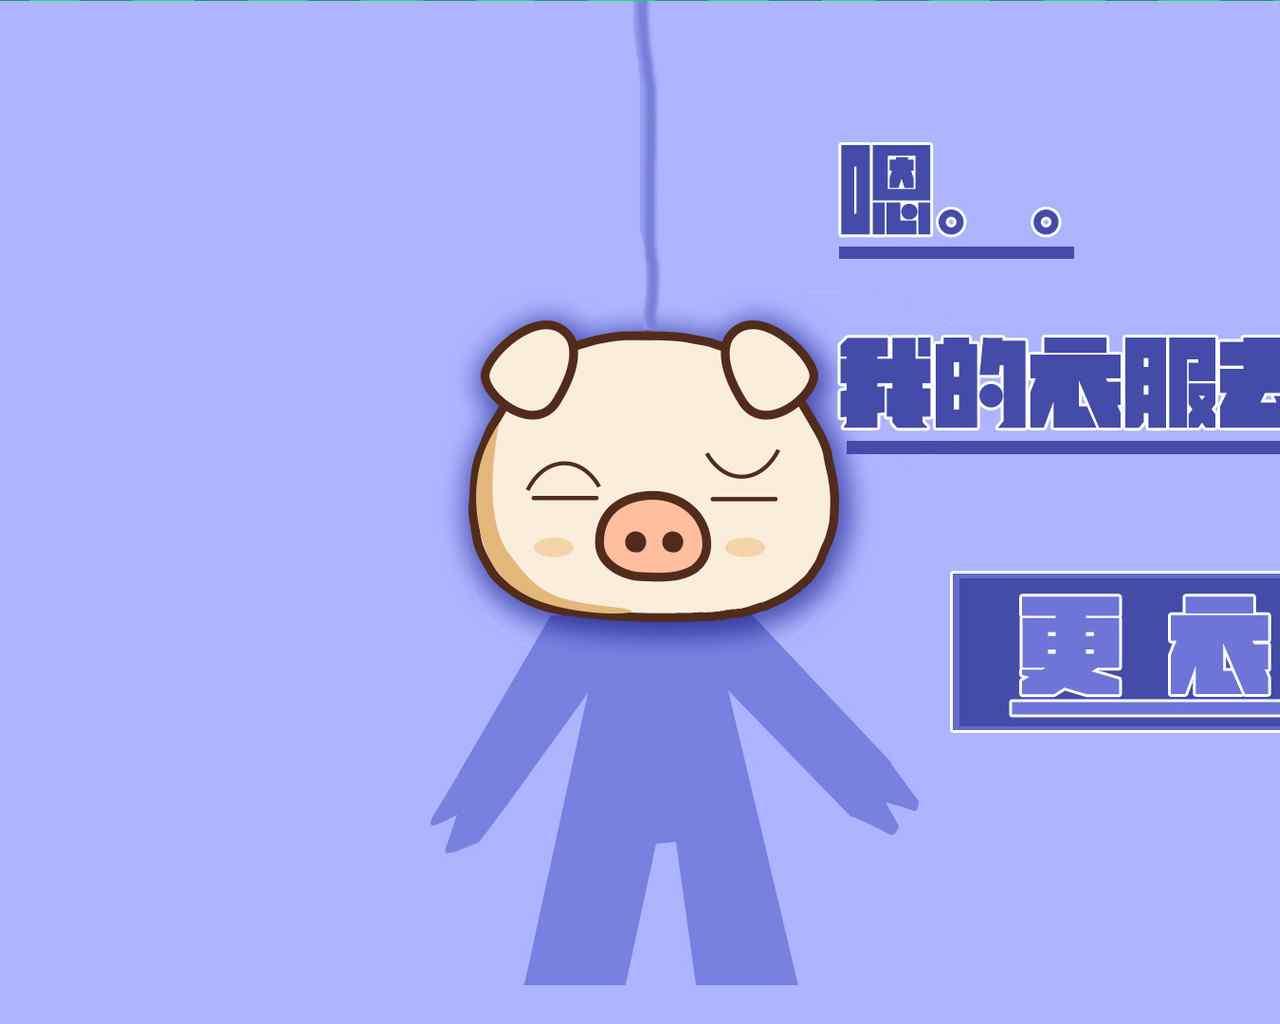 可爱的亨亨小猪高清桌面壁纸